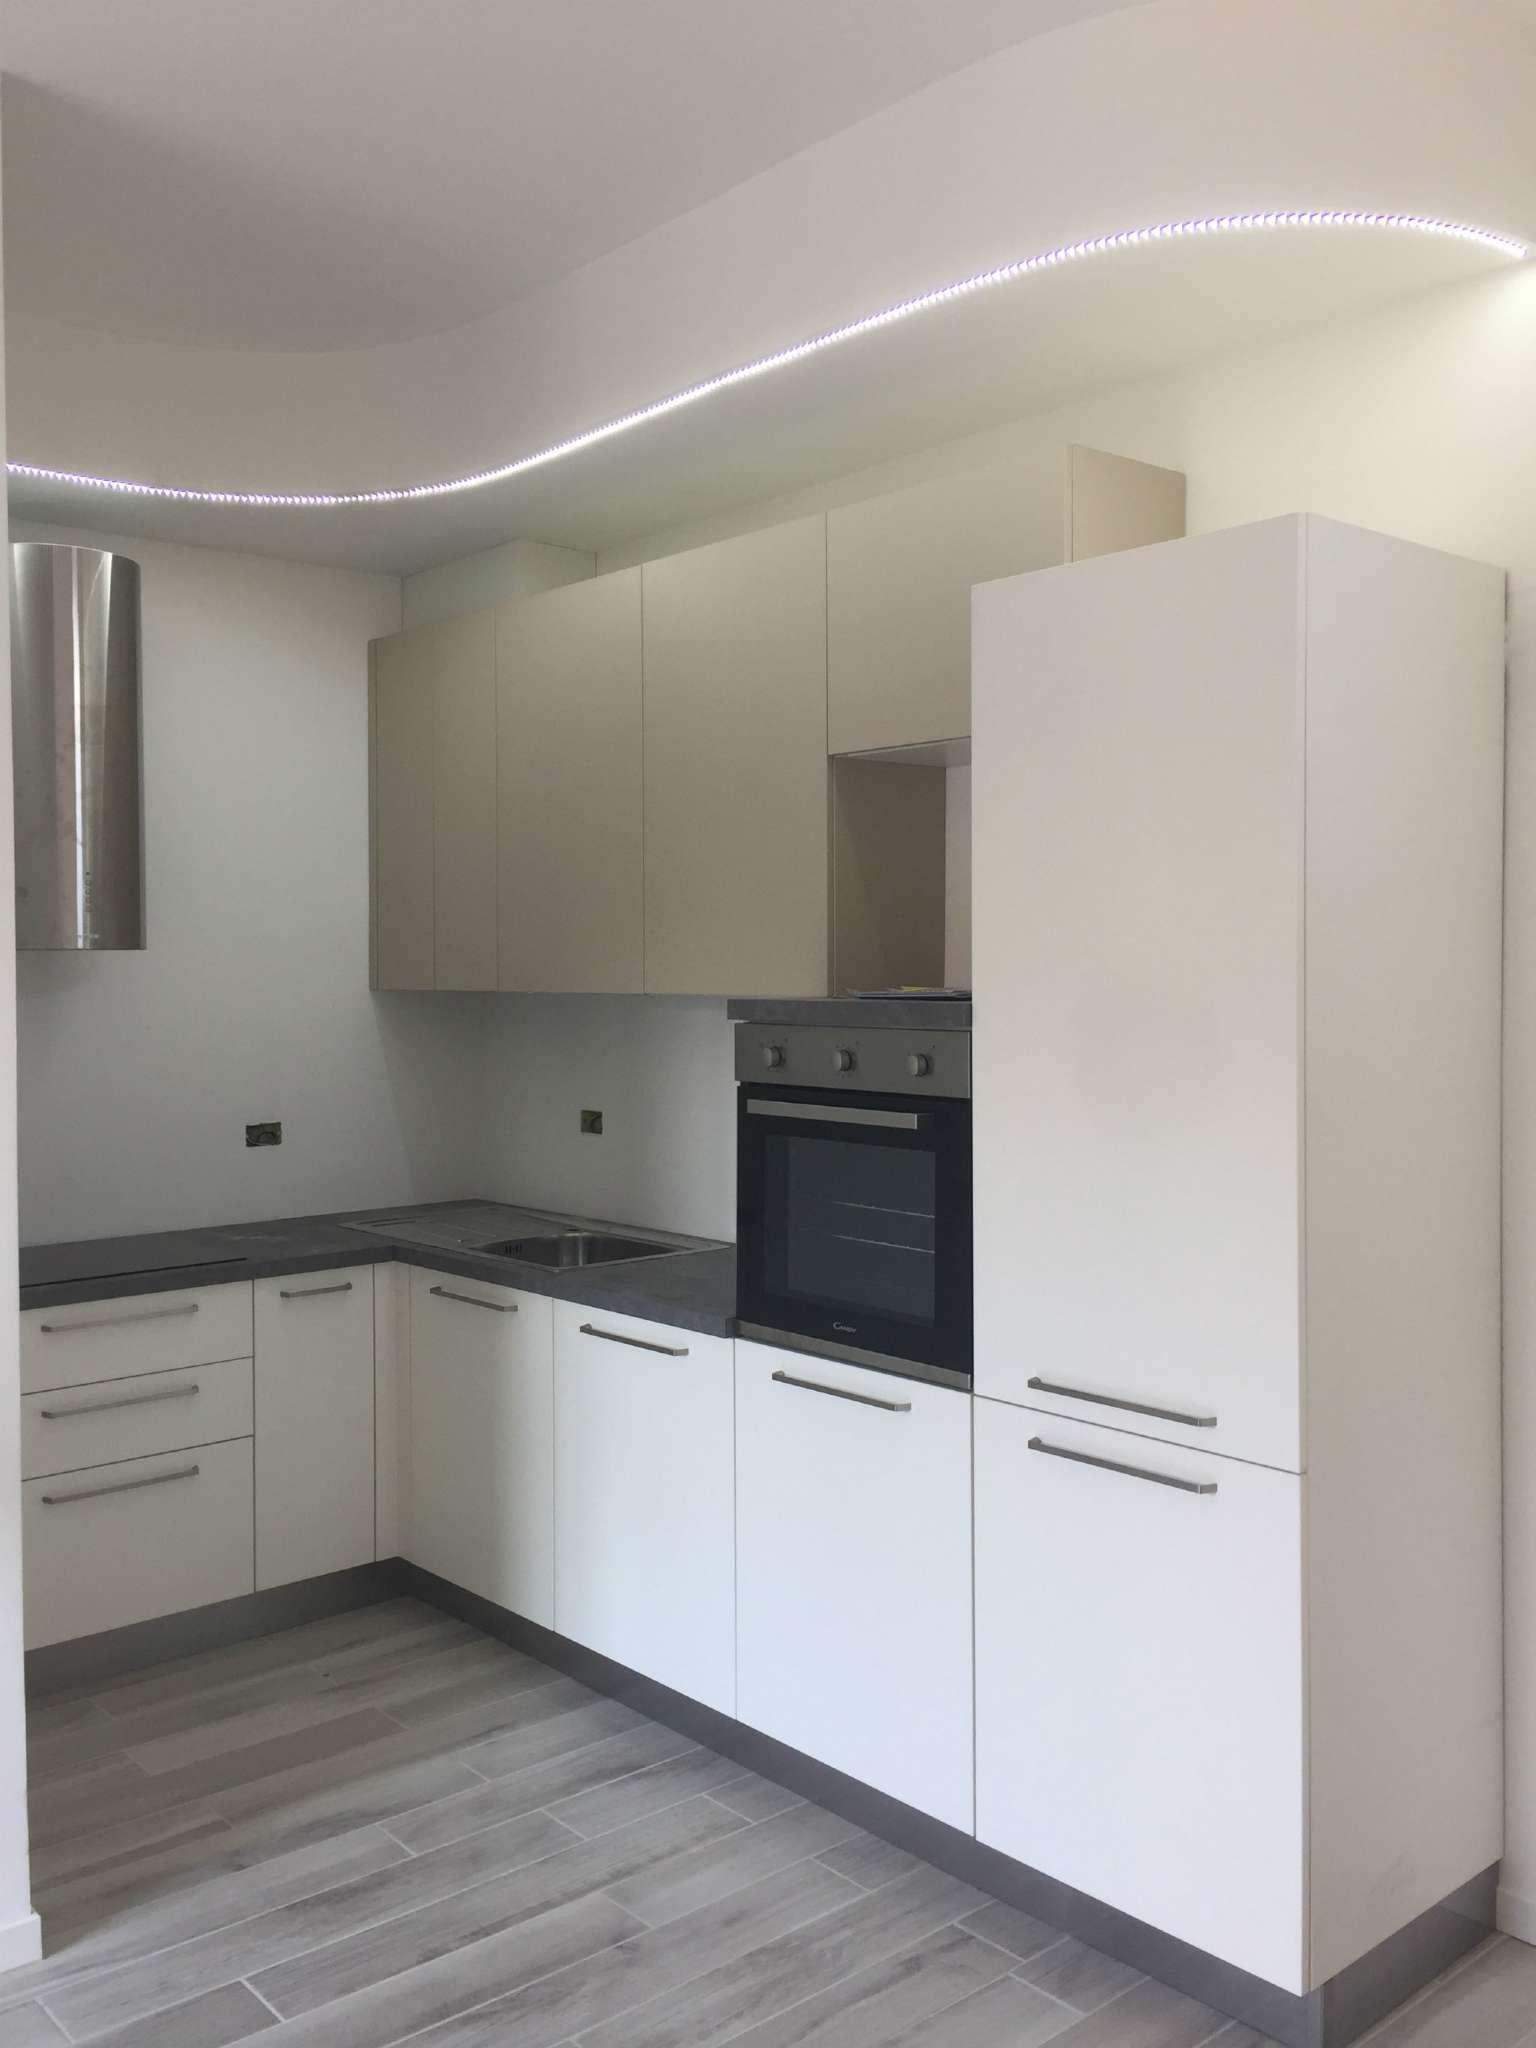 Appartamento in affitto a Gazzada Schianno, 2 locali, prezzo € 550 | CambioCasa.it